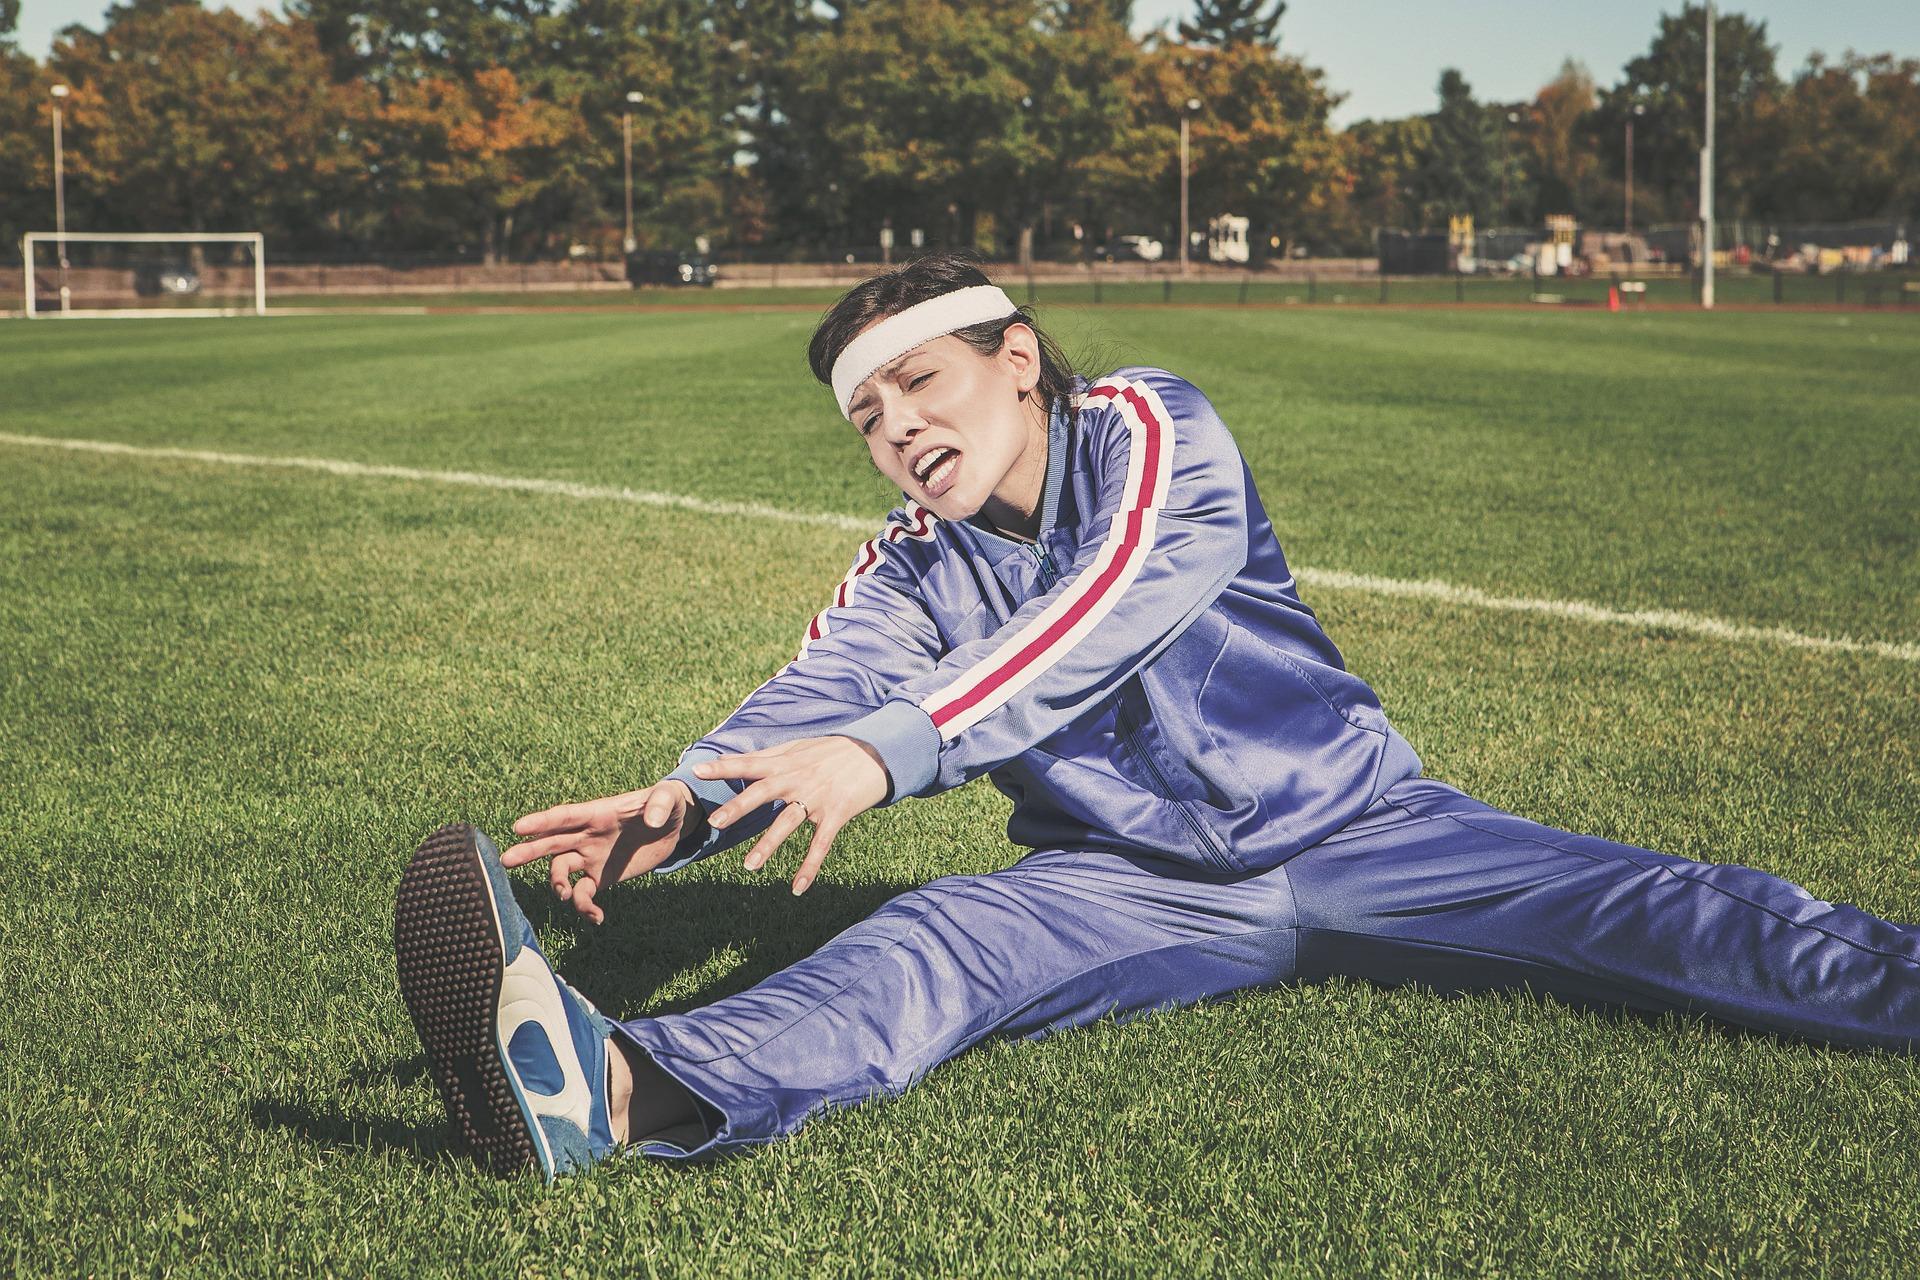 Kündigen vorlage fitness abo Fitnessstudio Kündigung